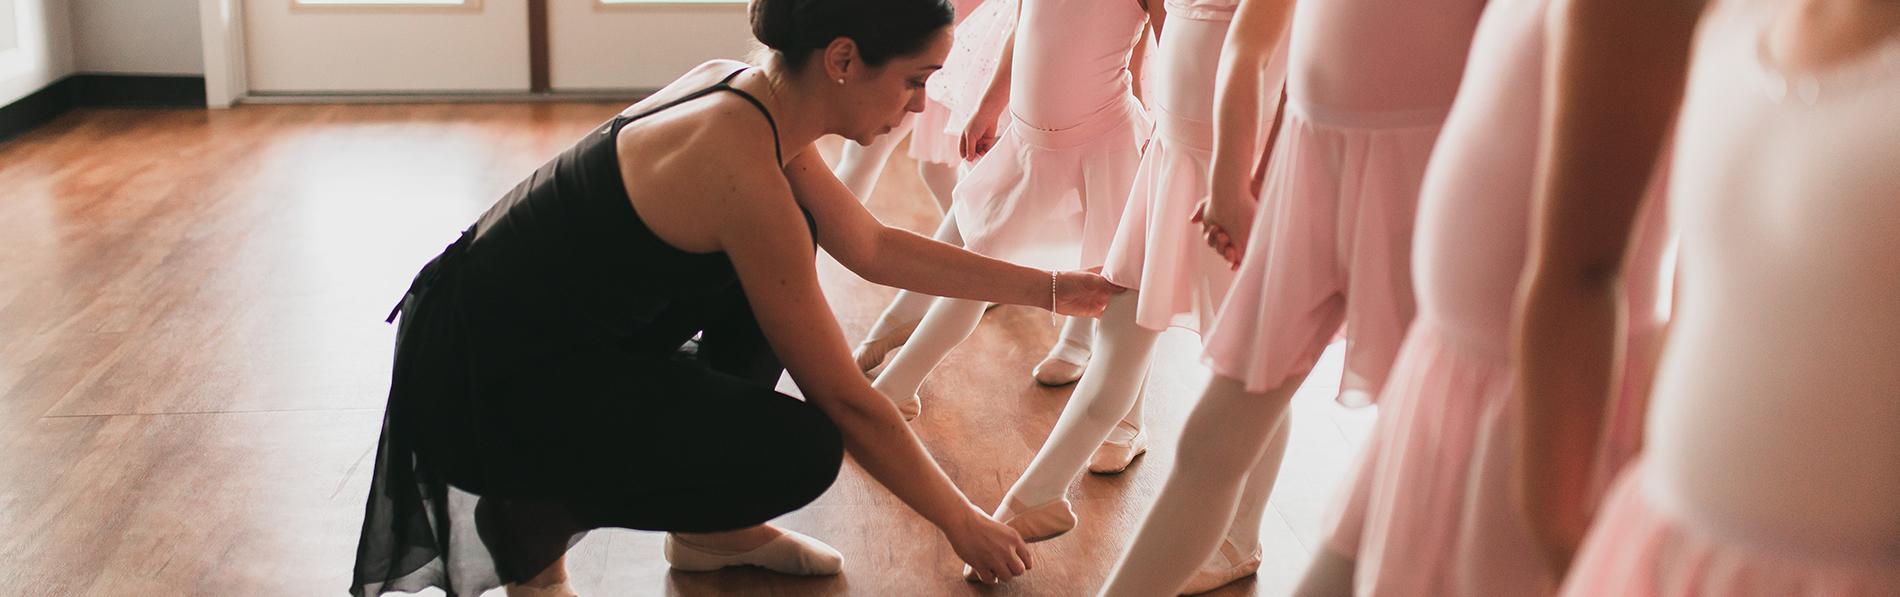 Devotion Danceworks Calgary childrens ballet classes